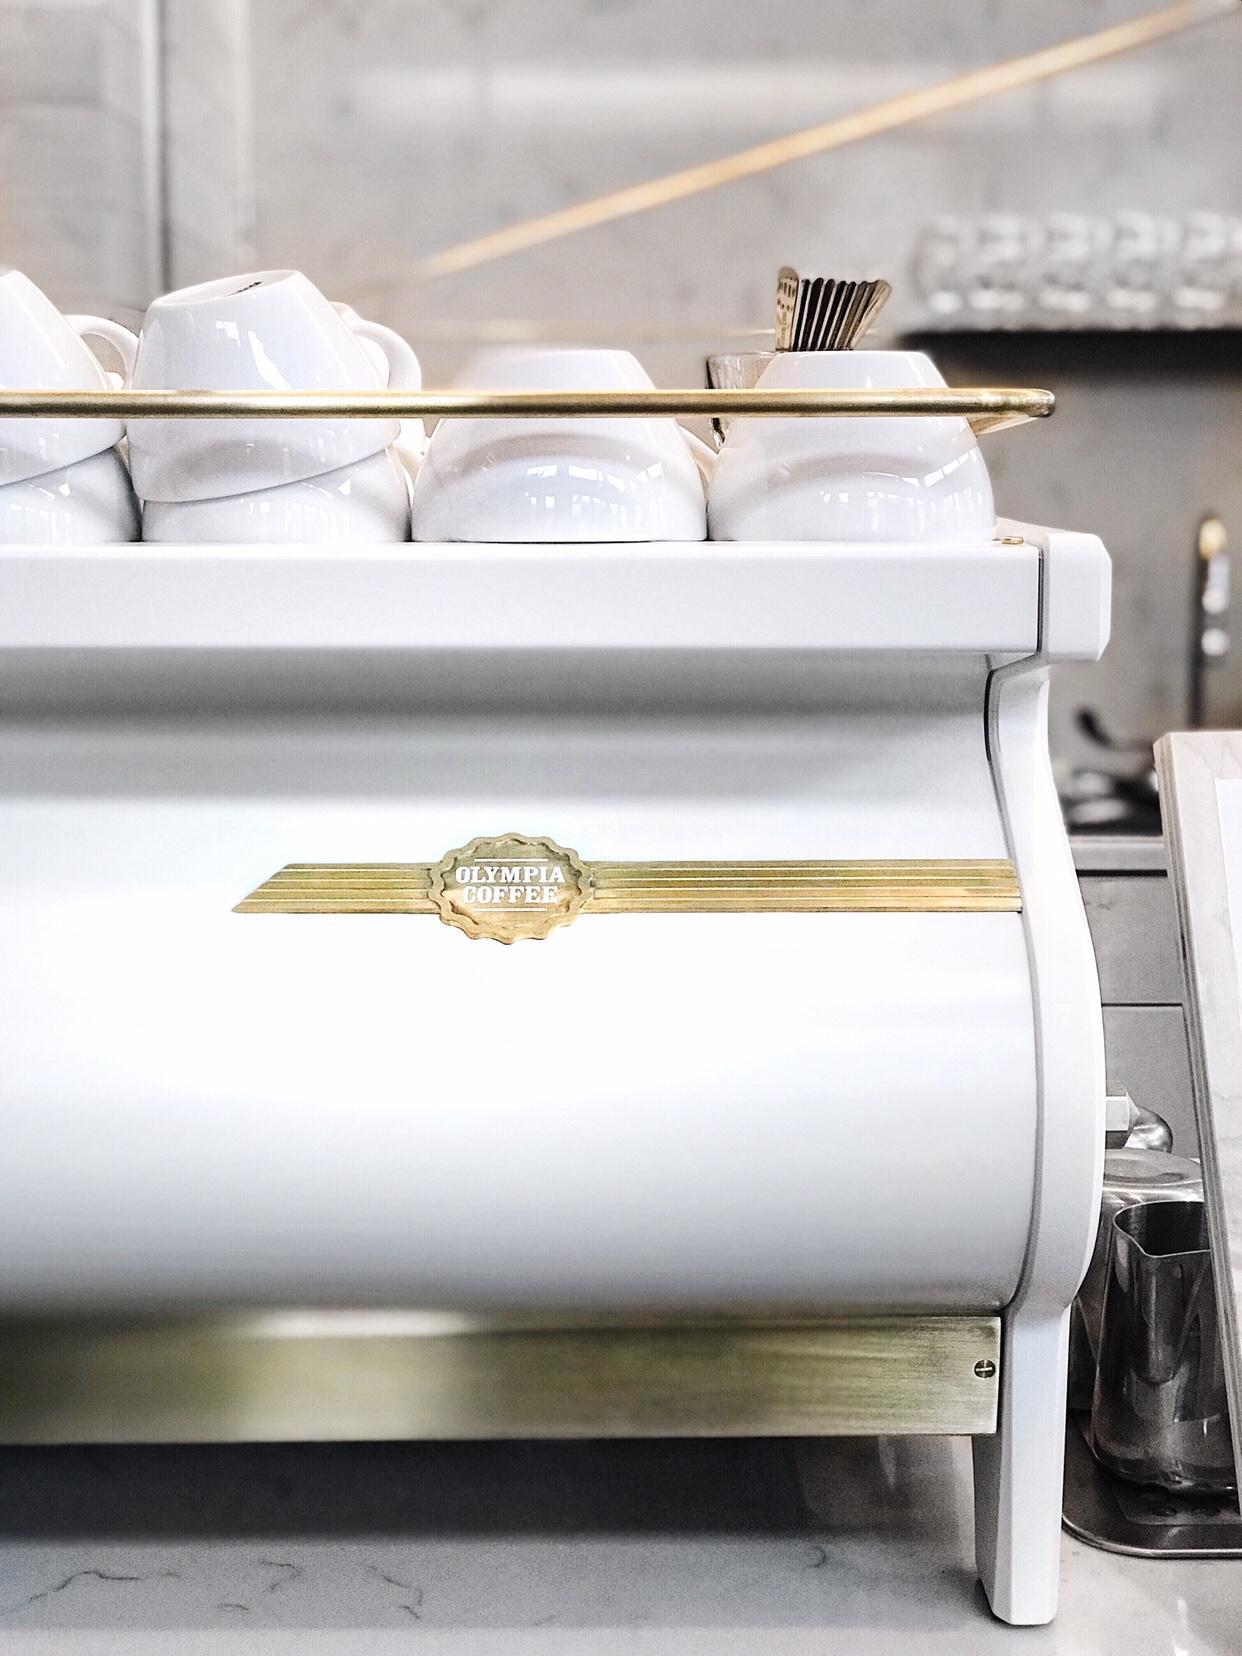 Custom white/gold La Marzocco Strada AV espresso machine designed by Pantechnicon Design | beccarisaluna.com